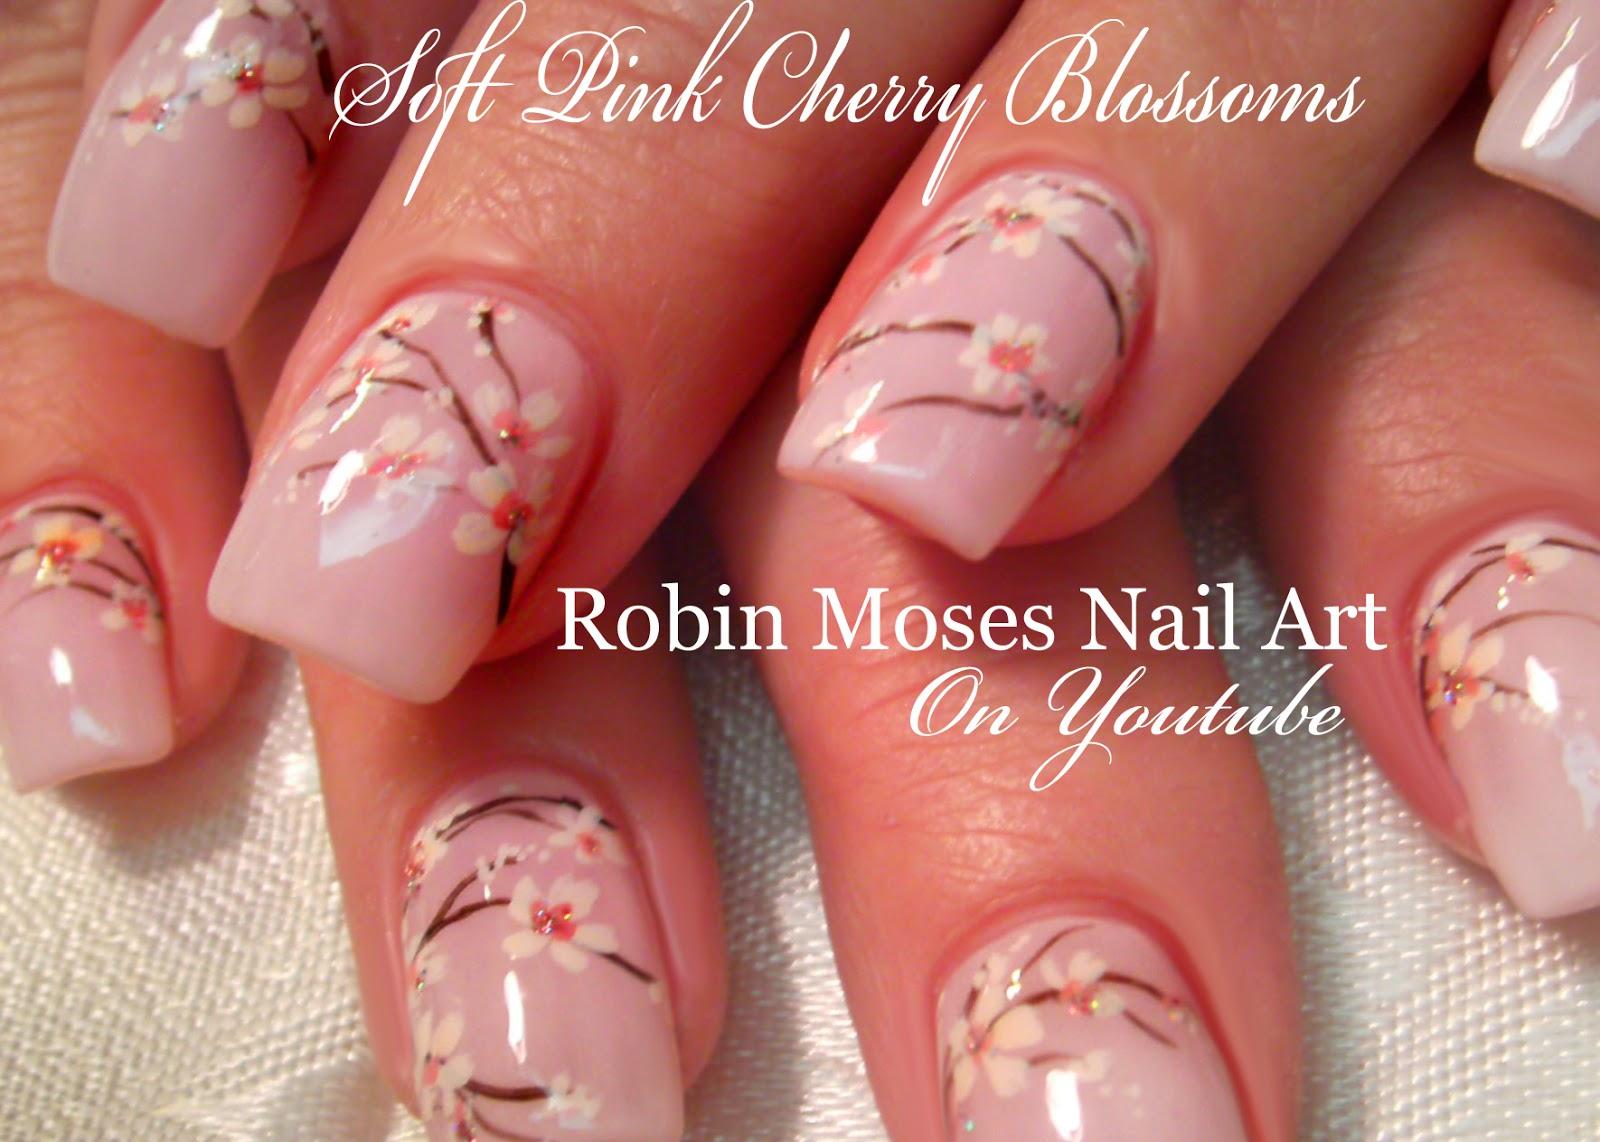 Nail Art by Robin Moses